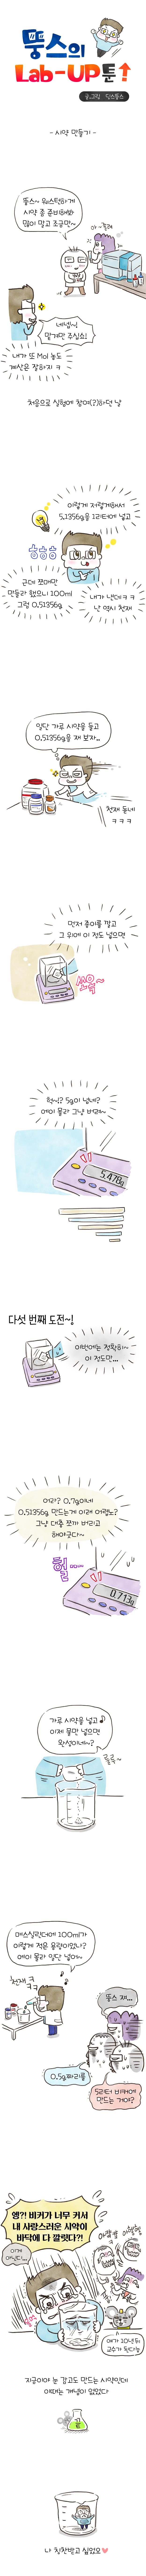 뚱스의 Lab-Up툰_04_시약만들기